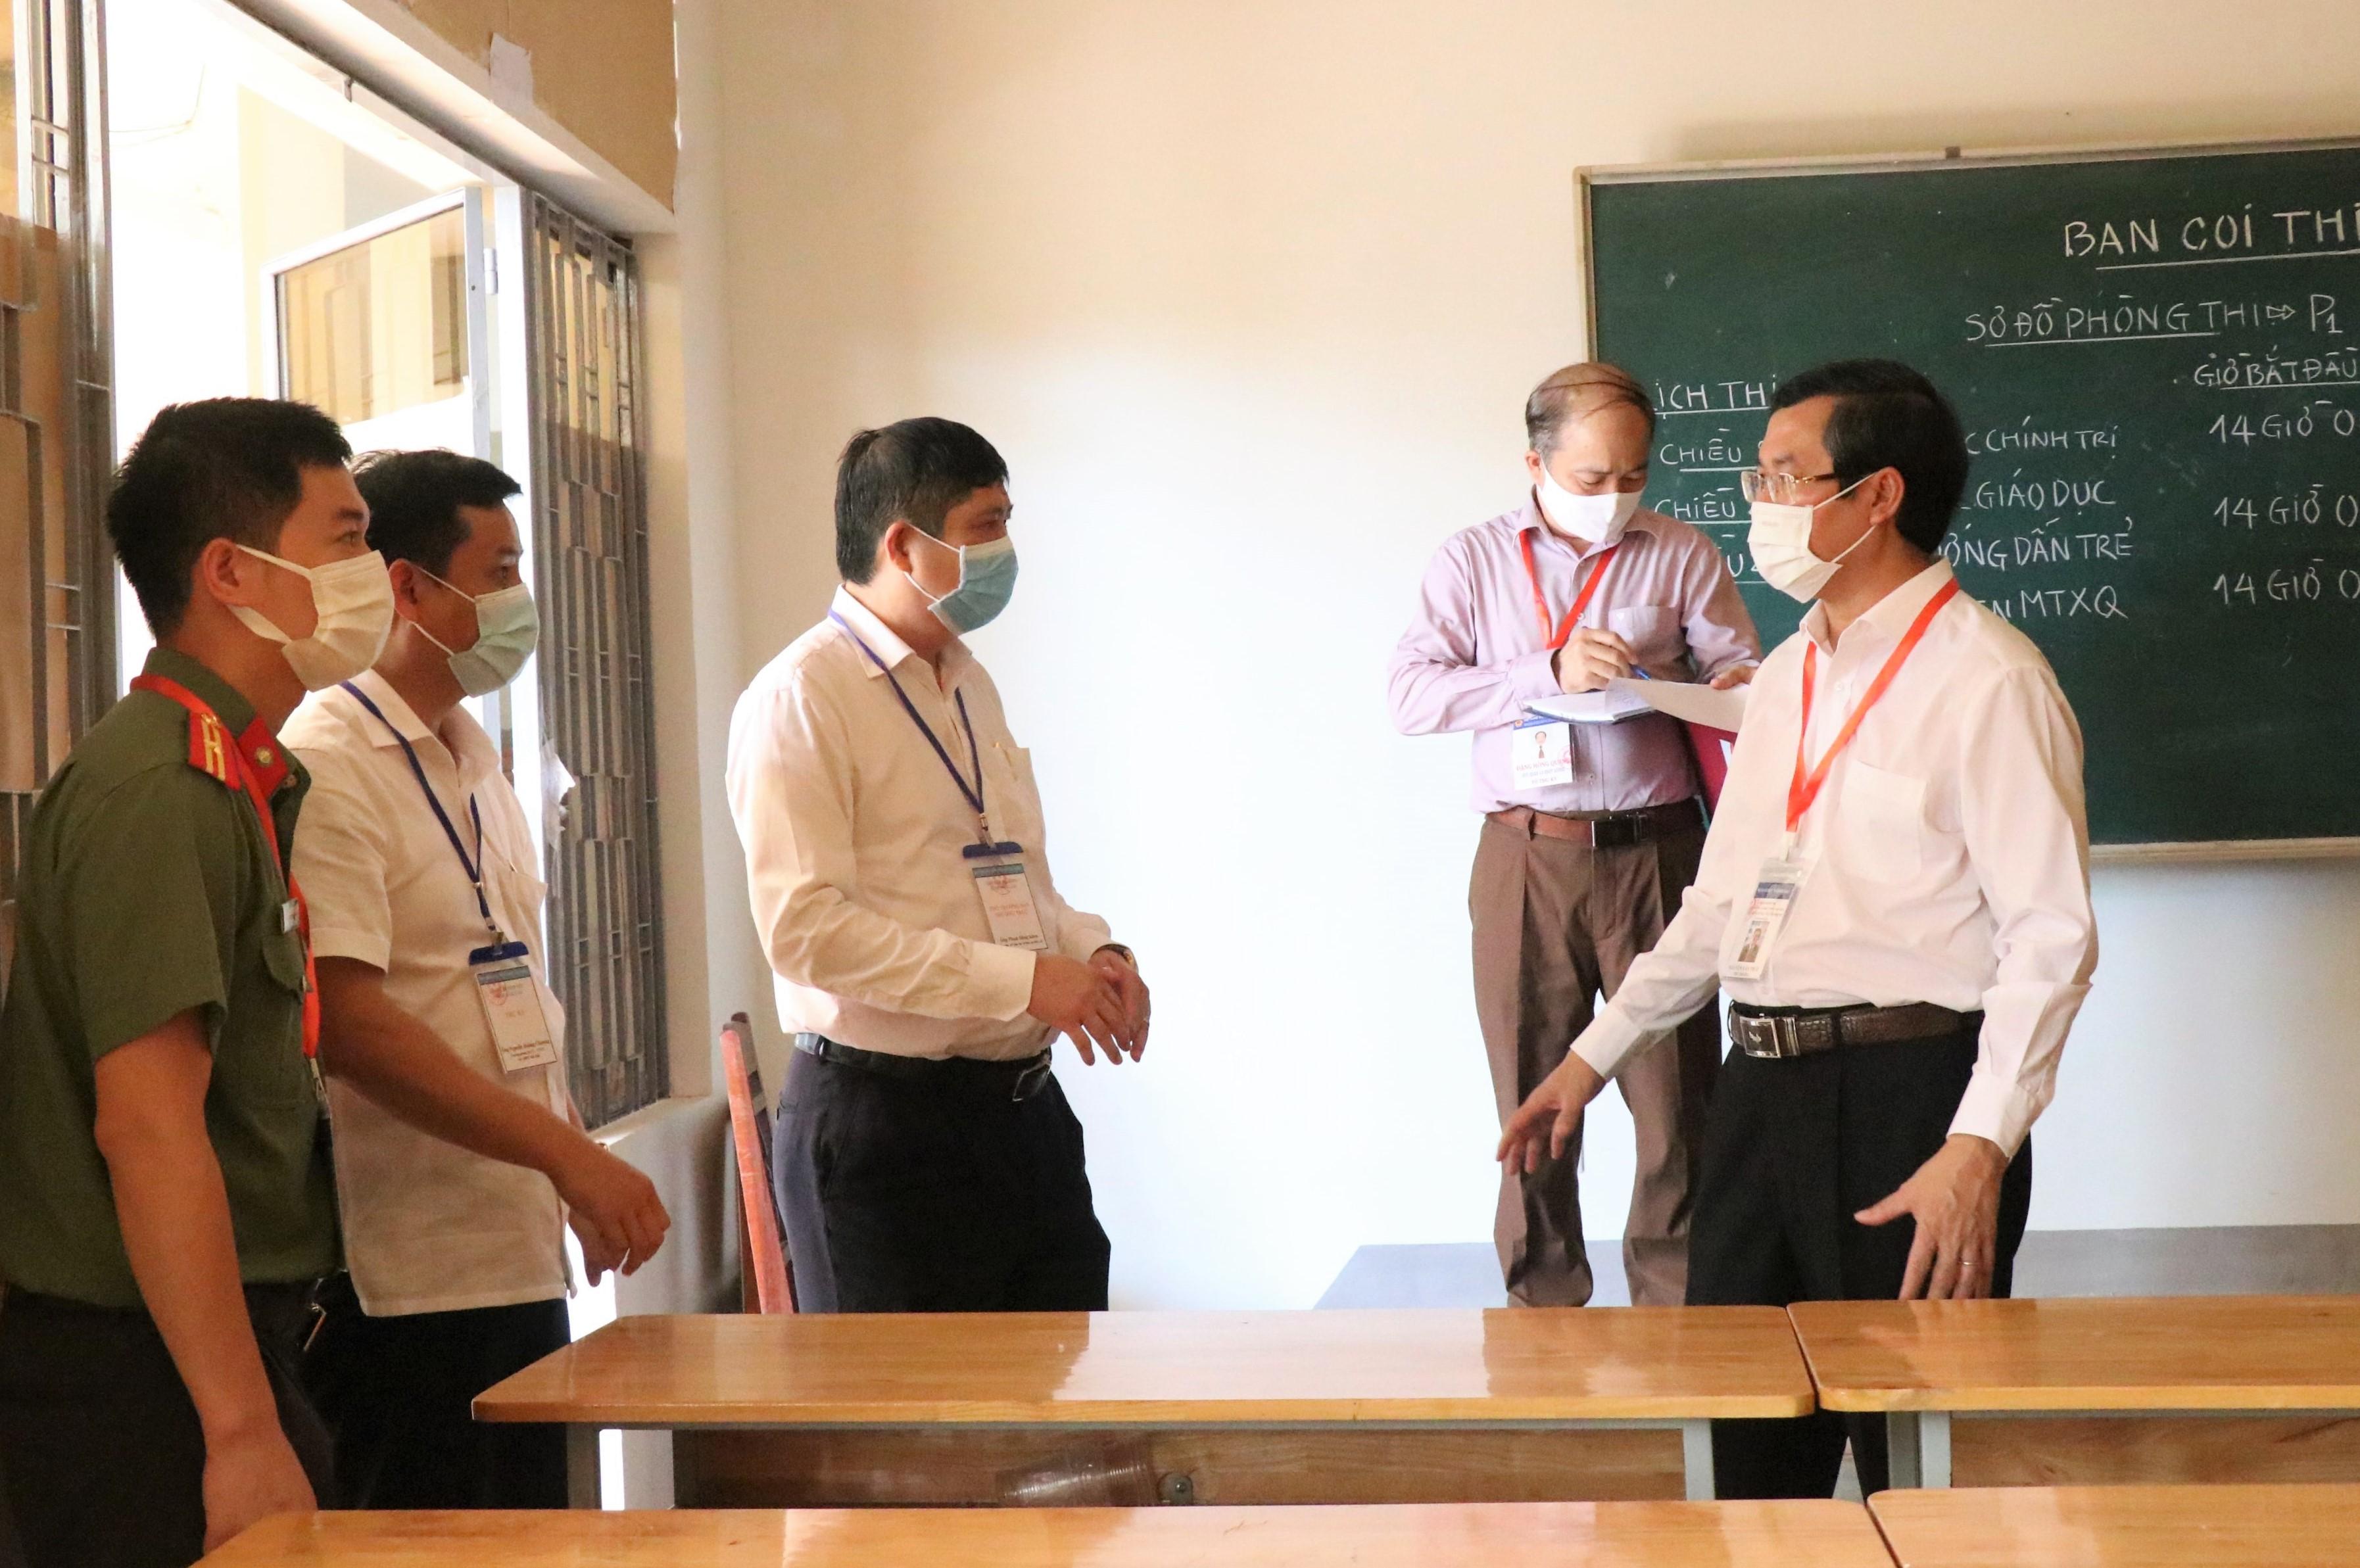 Bộ Giáo dục và Đào tạo kiểm tra công tác chuẩn bị thi tốt nghiệp THPT năm 2021 tại Đắk Lắk